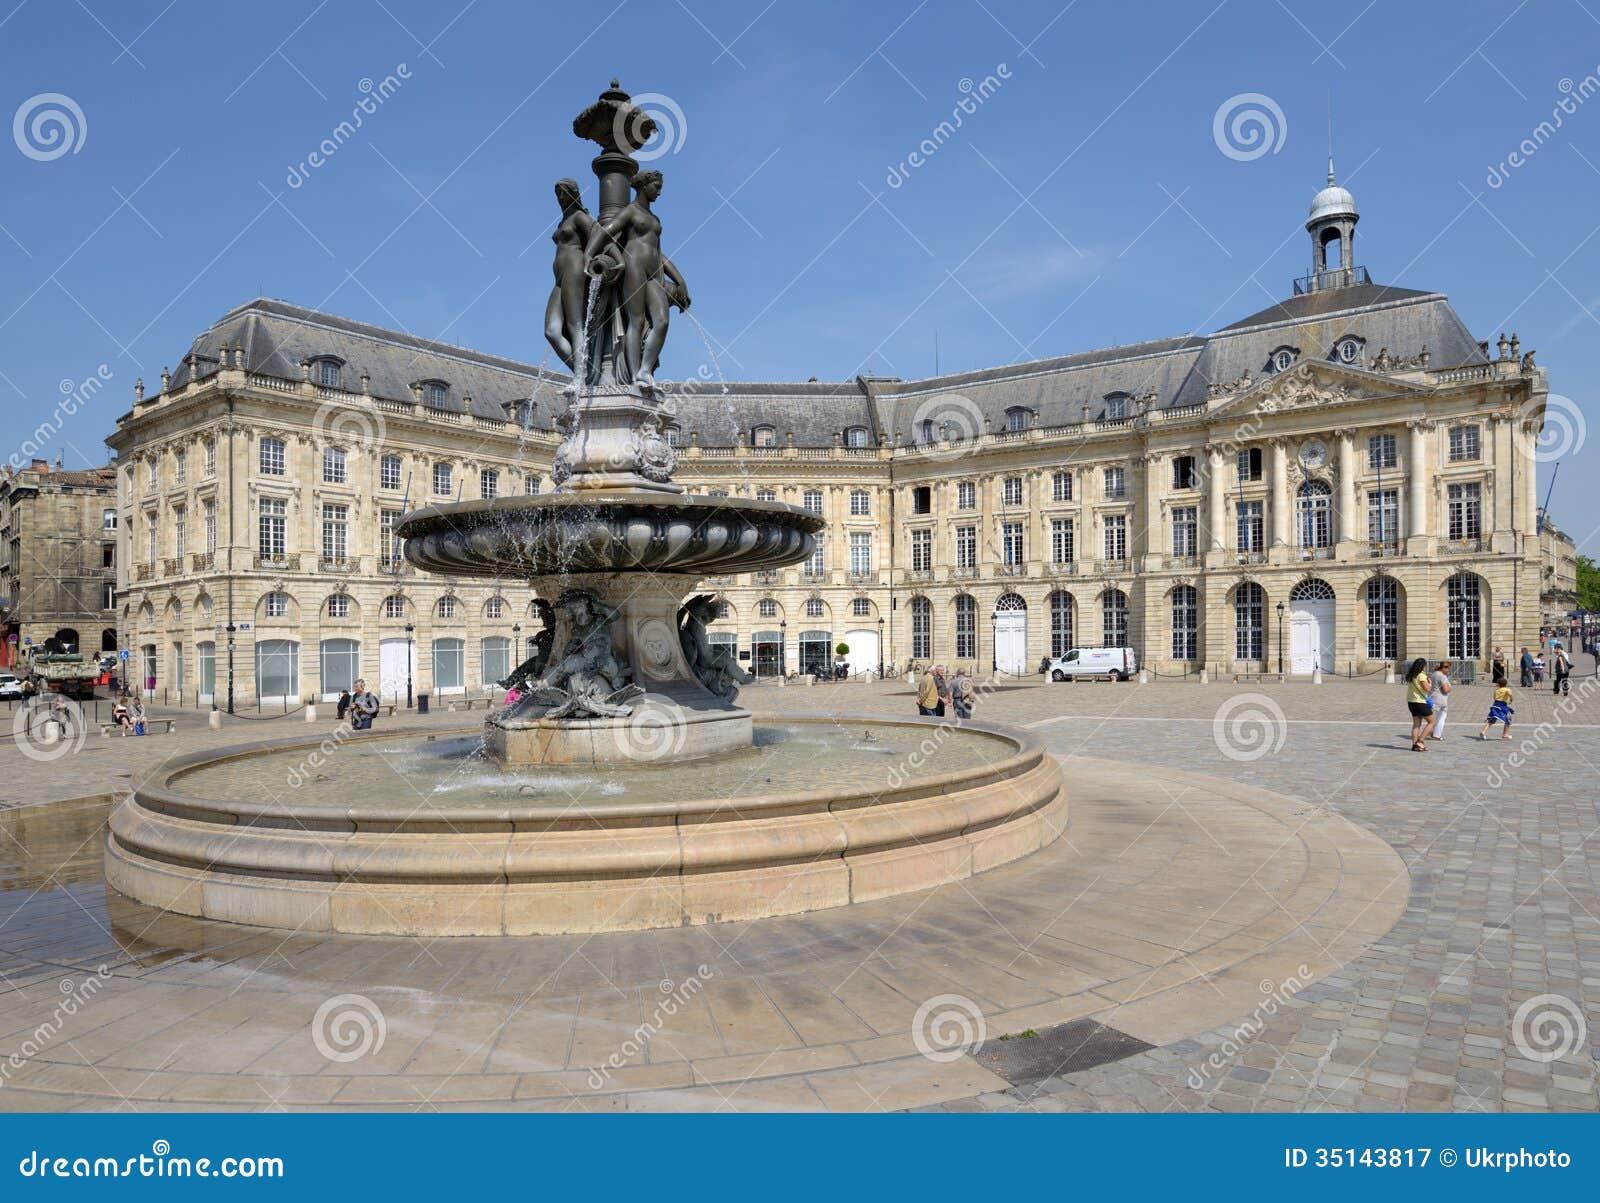 Place De La Bourse In Bordeaux France Editorial Photography Image